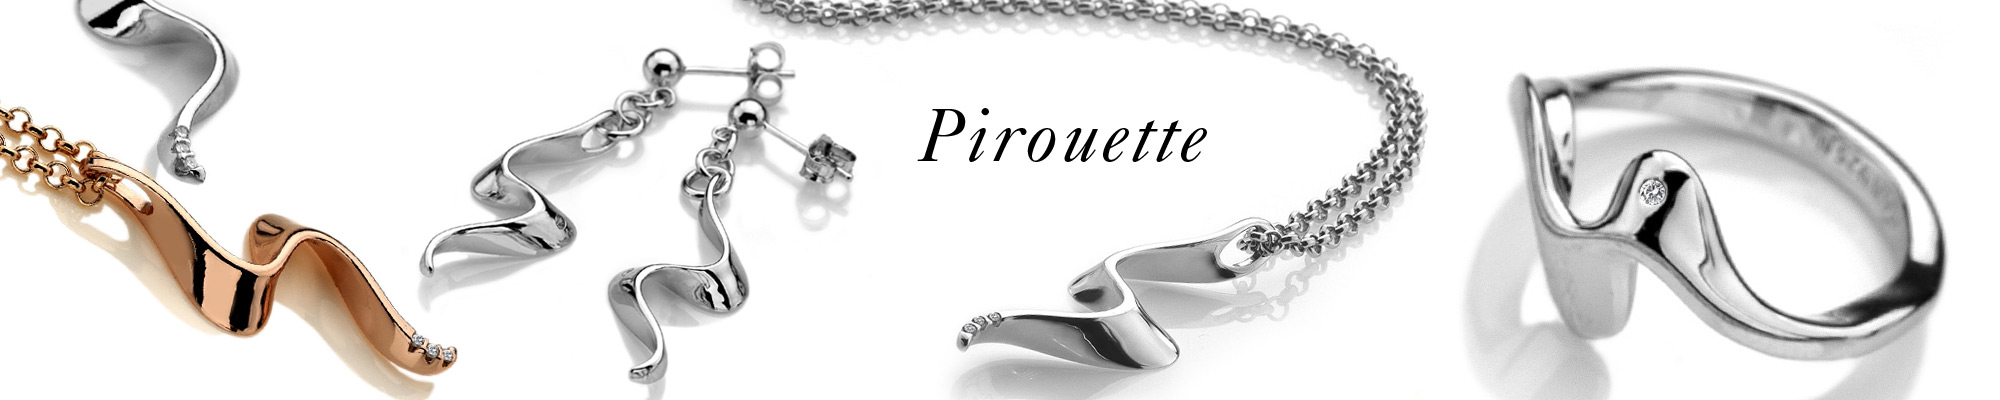 Piroutte